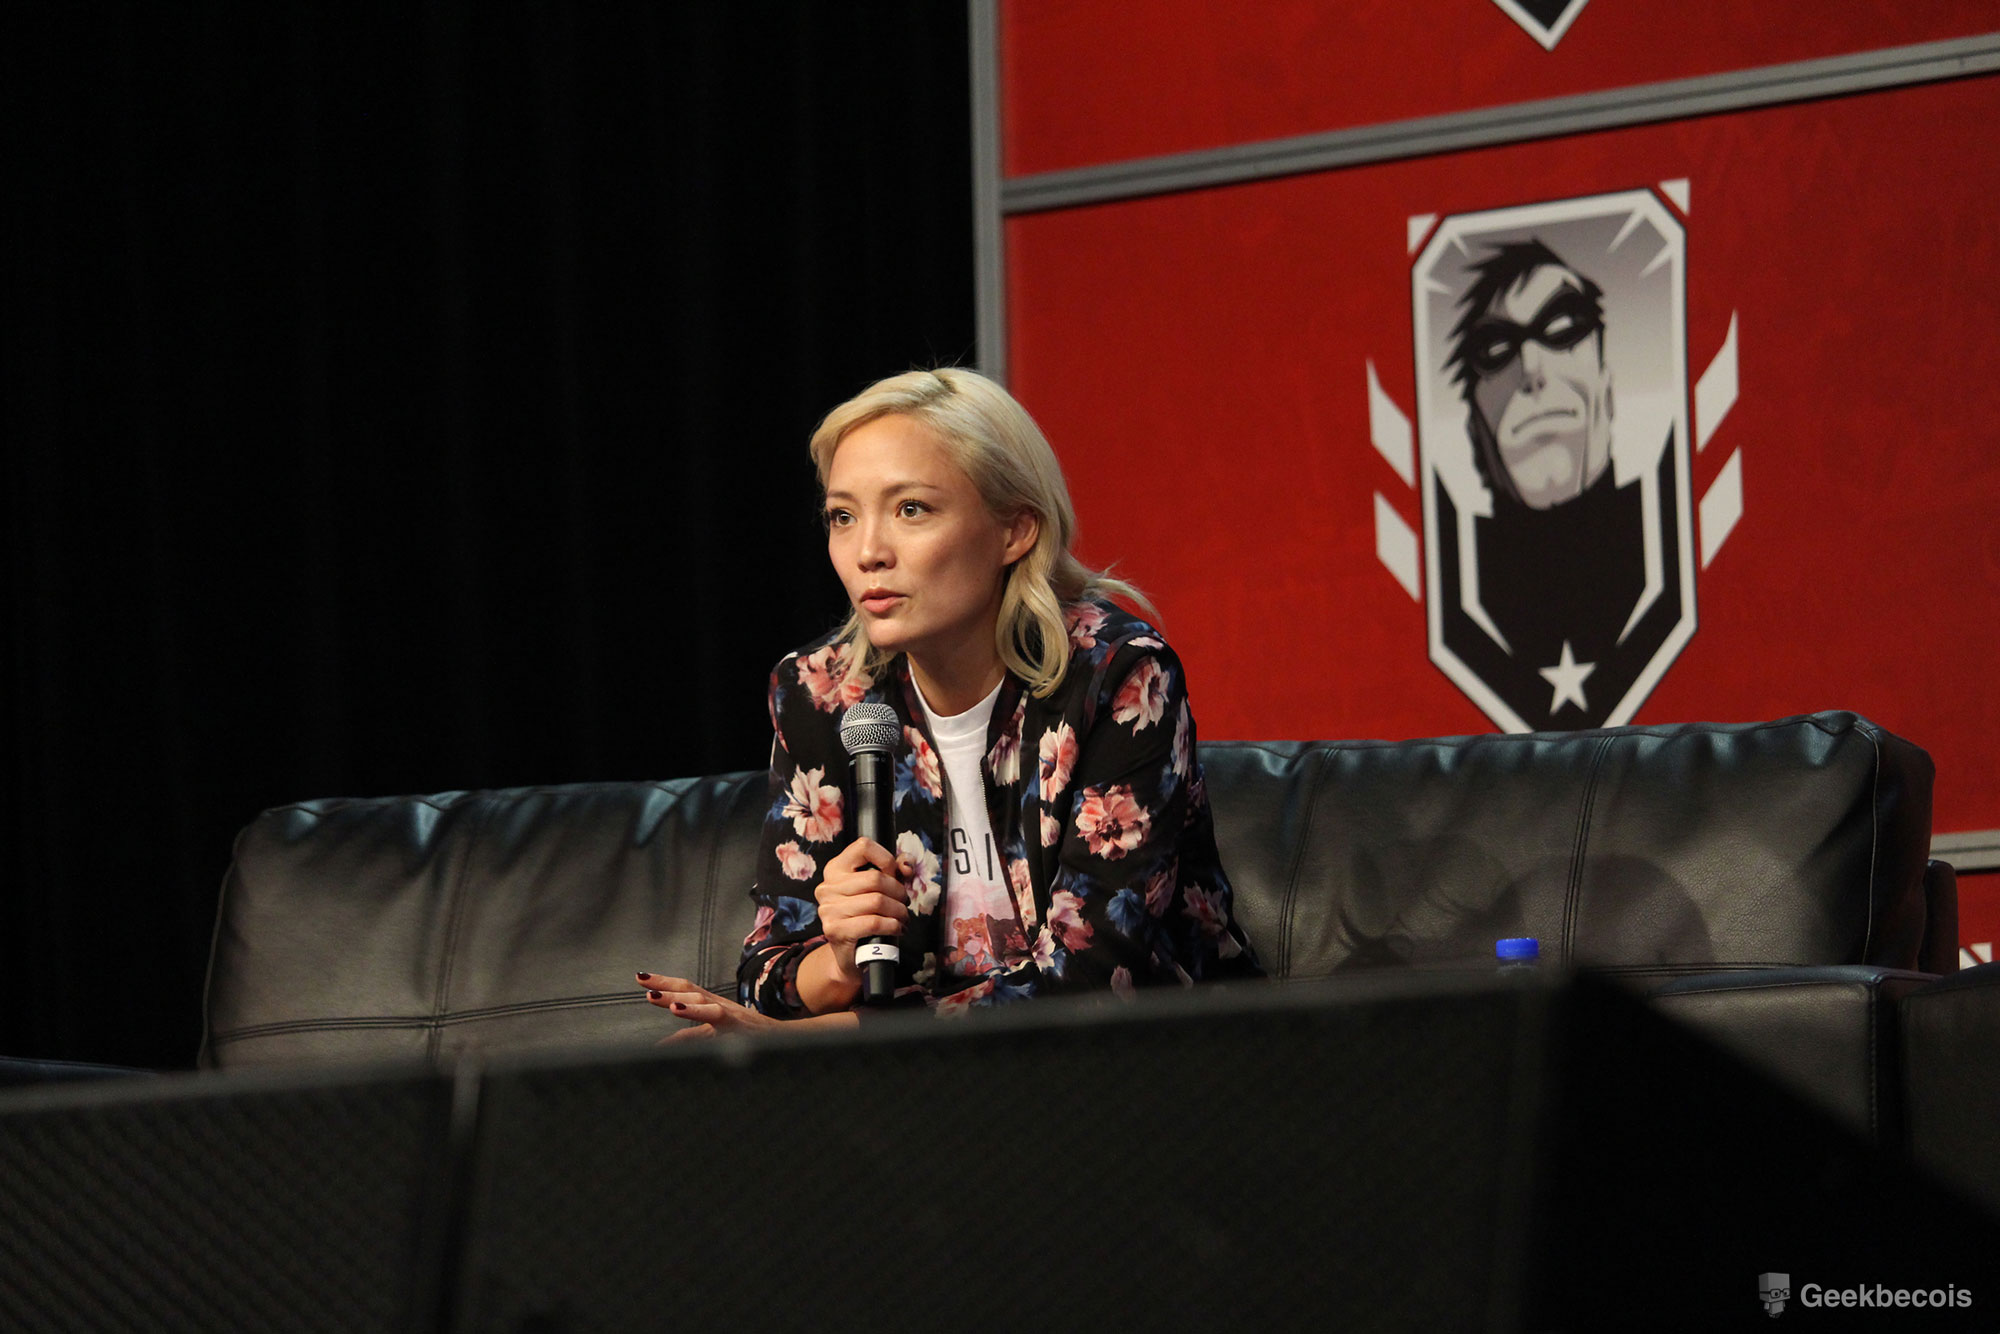 Comiccon de Montréal 2018 - Geekbecois - Pom Klementieff